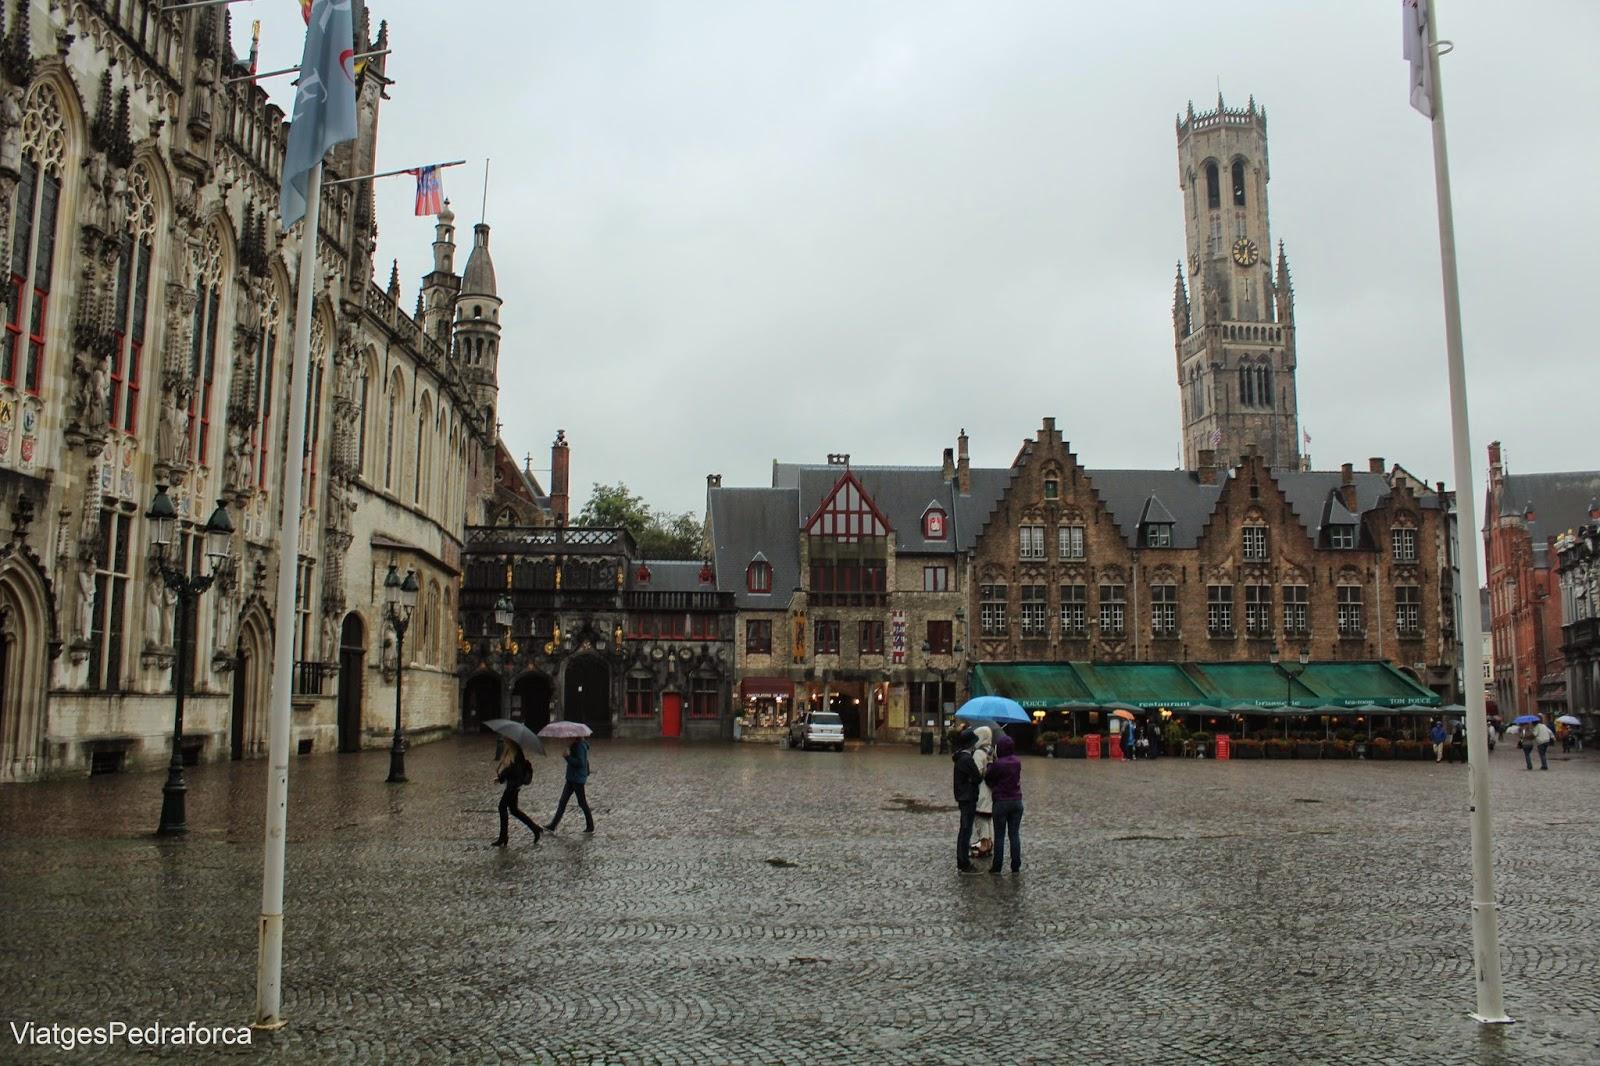 Plaça Burg de Bruges, Brugge, Flandes, Belgica